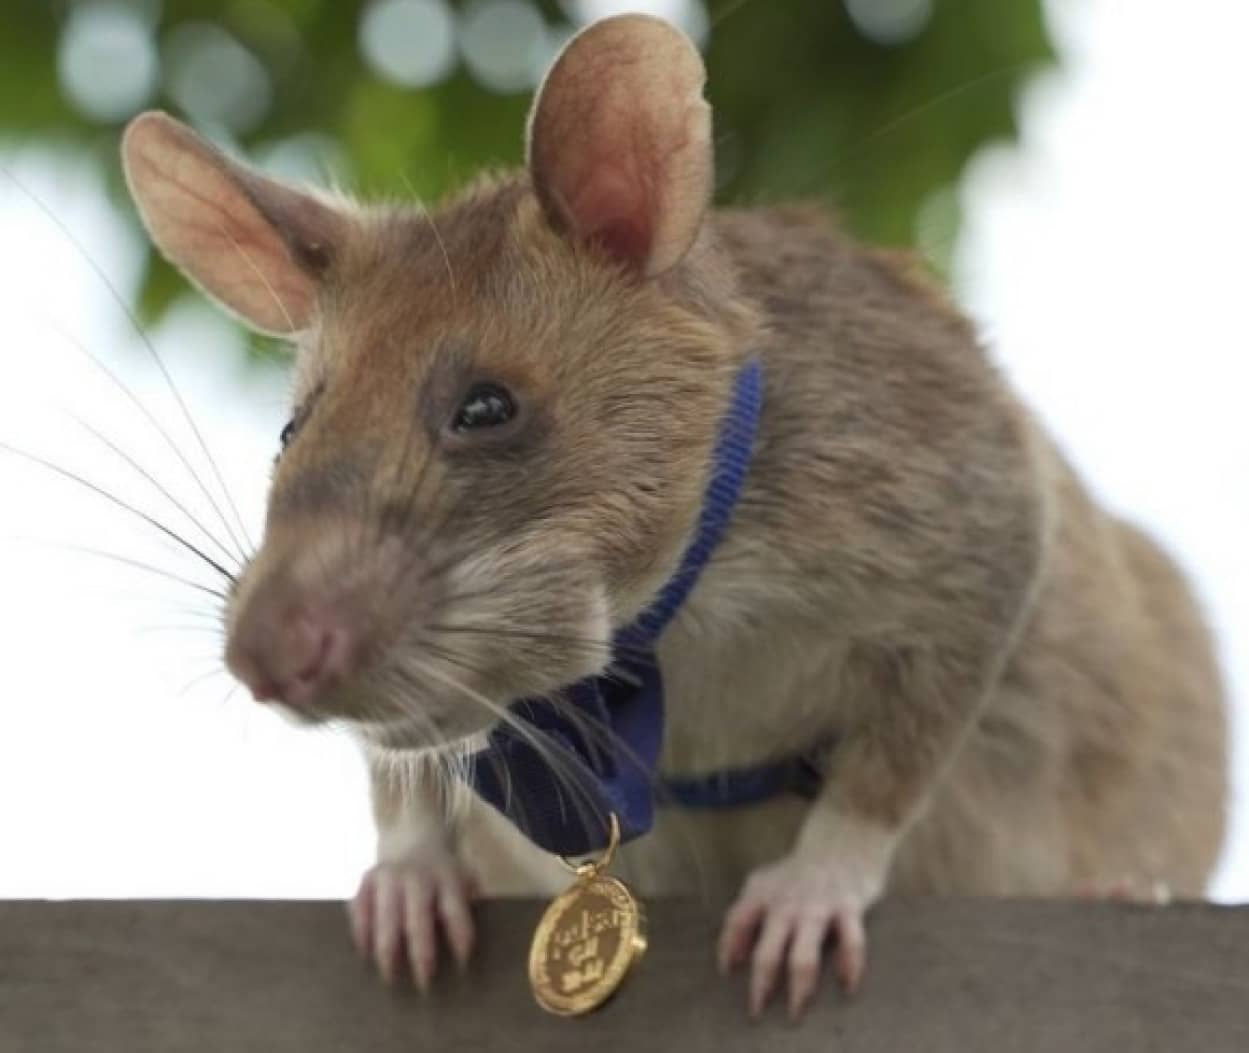 地雷撤去作業で多くの人間の命を救った英雄のネズミが引退へ